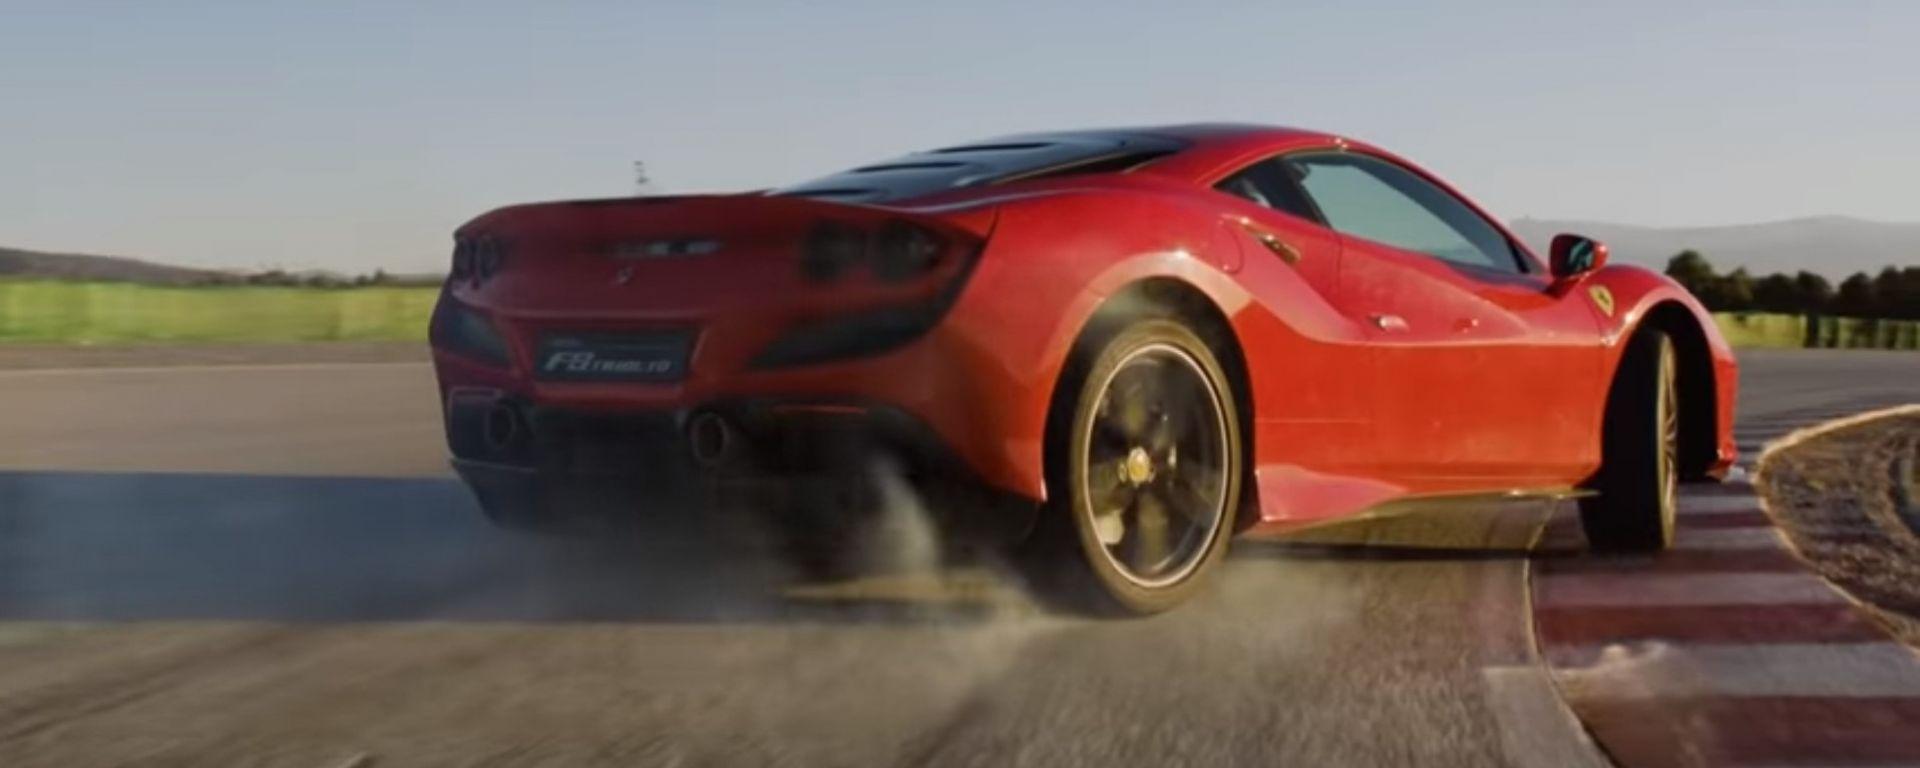 Ferrari F8 Tributo: un video mostra le performance su strada e pista